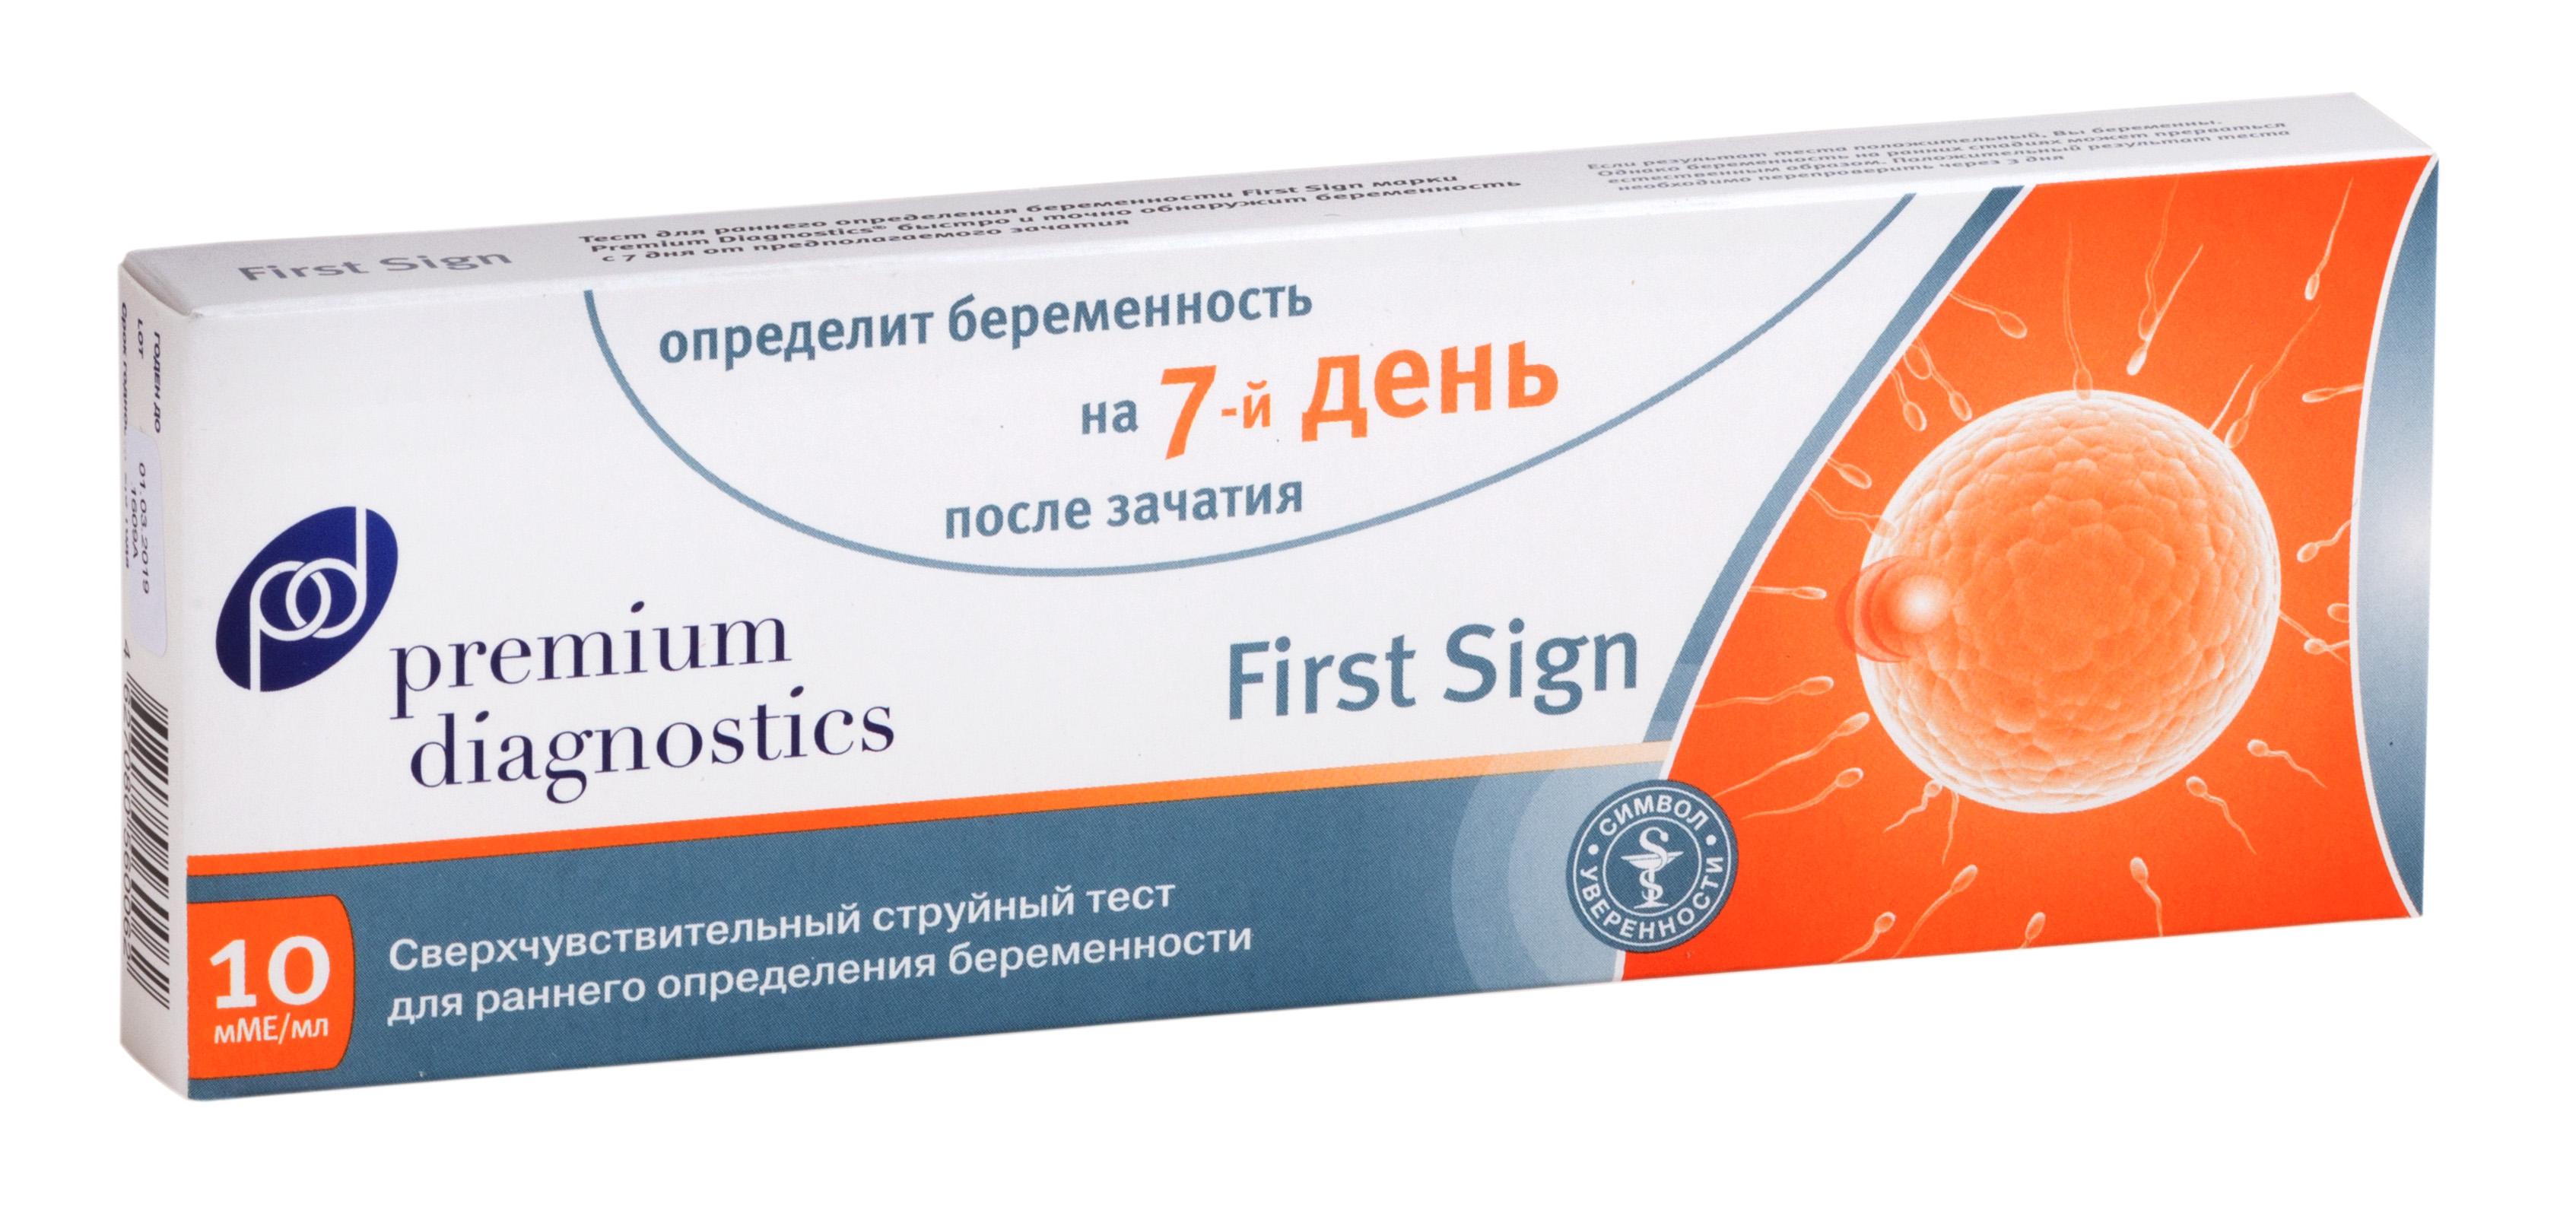 Тест на беременность premium diagnostics n1 д/ранней диагностики